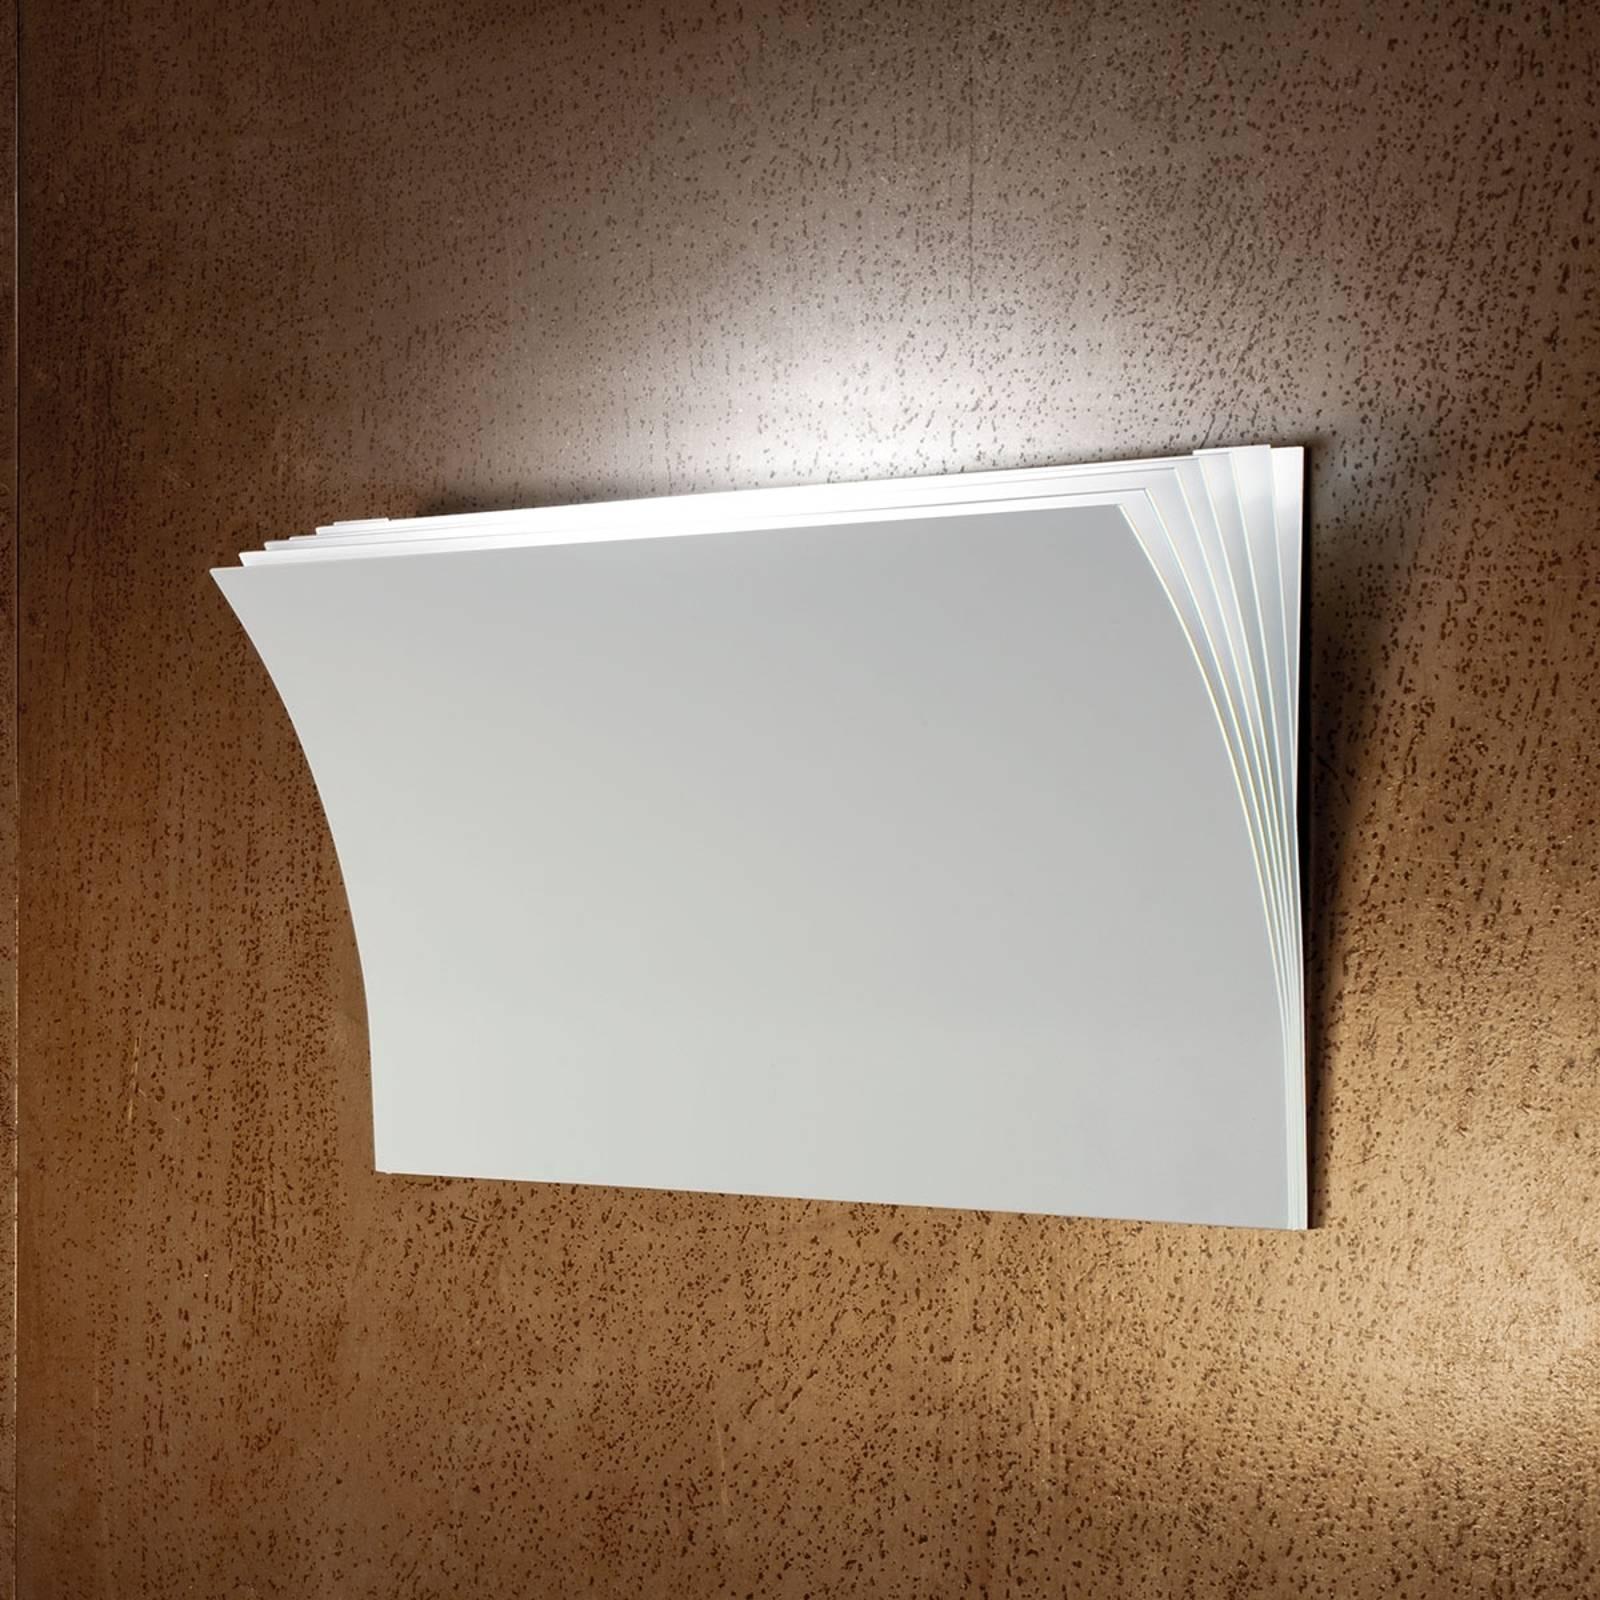 Axolight Polia LED-seinävalaisin, valkoinen 45 cm